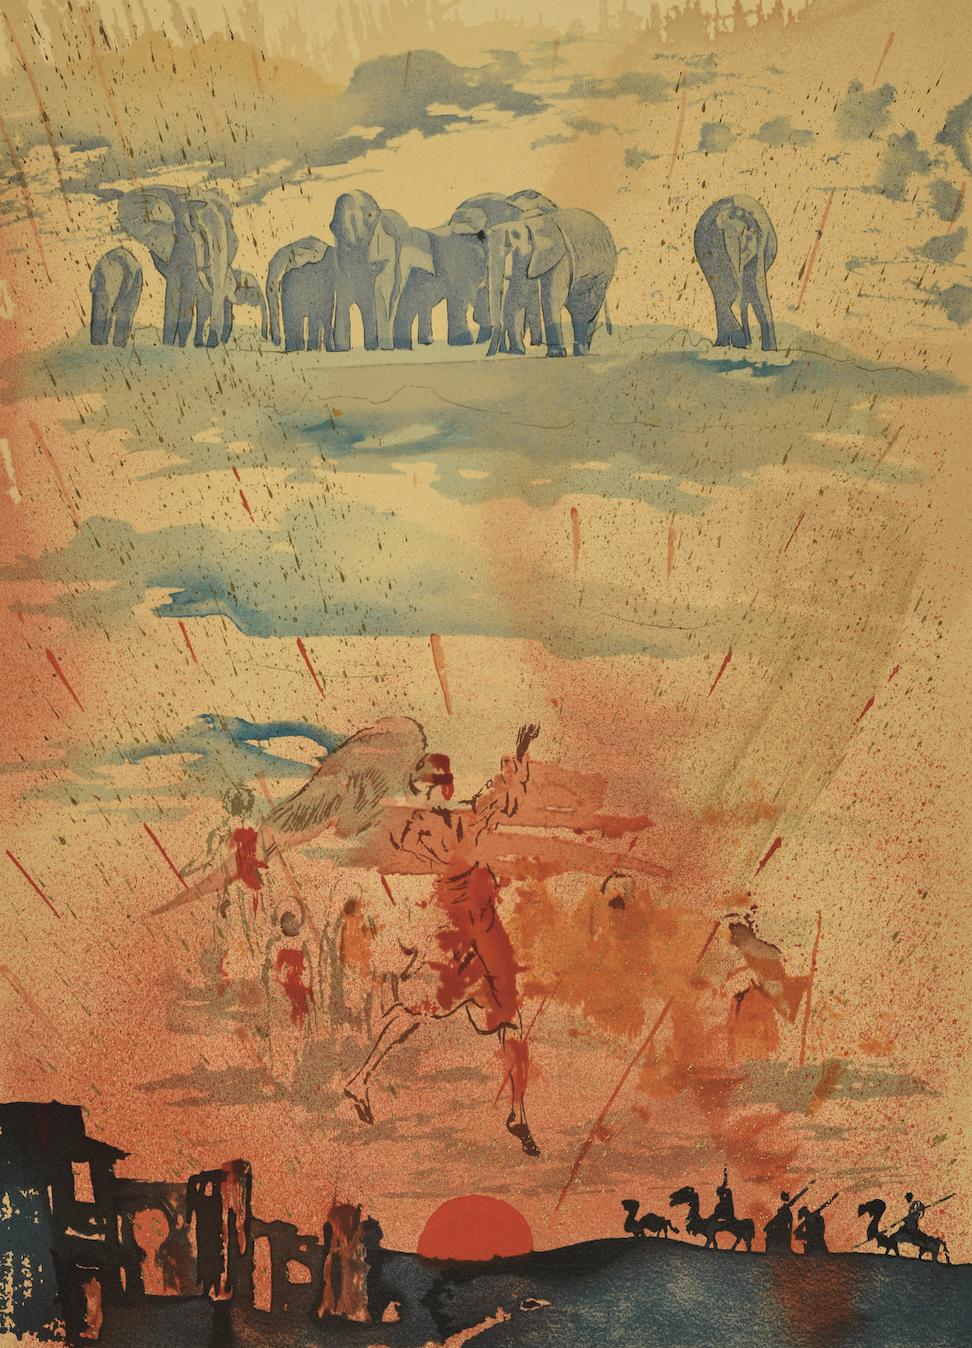 Сальвадор Далі, «Композиція зі слонами», 1970. З колекції Вадима Мороховского